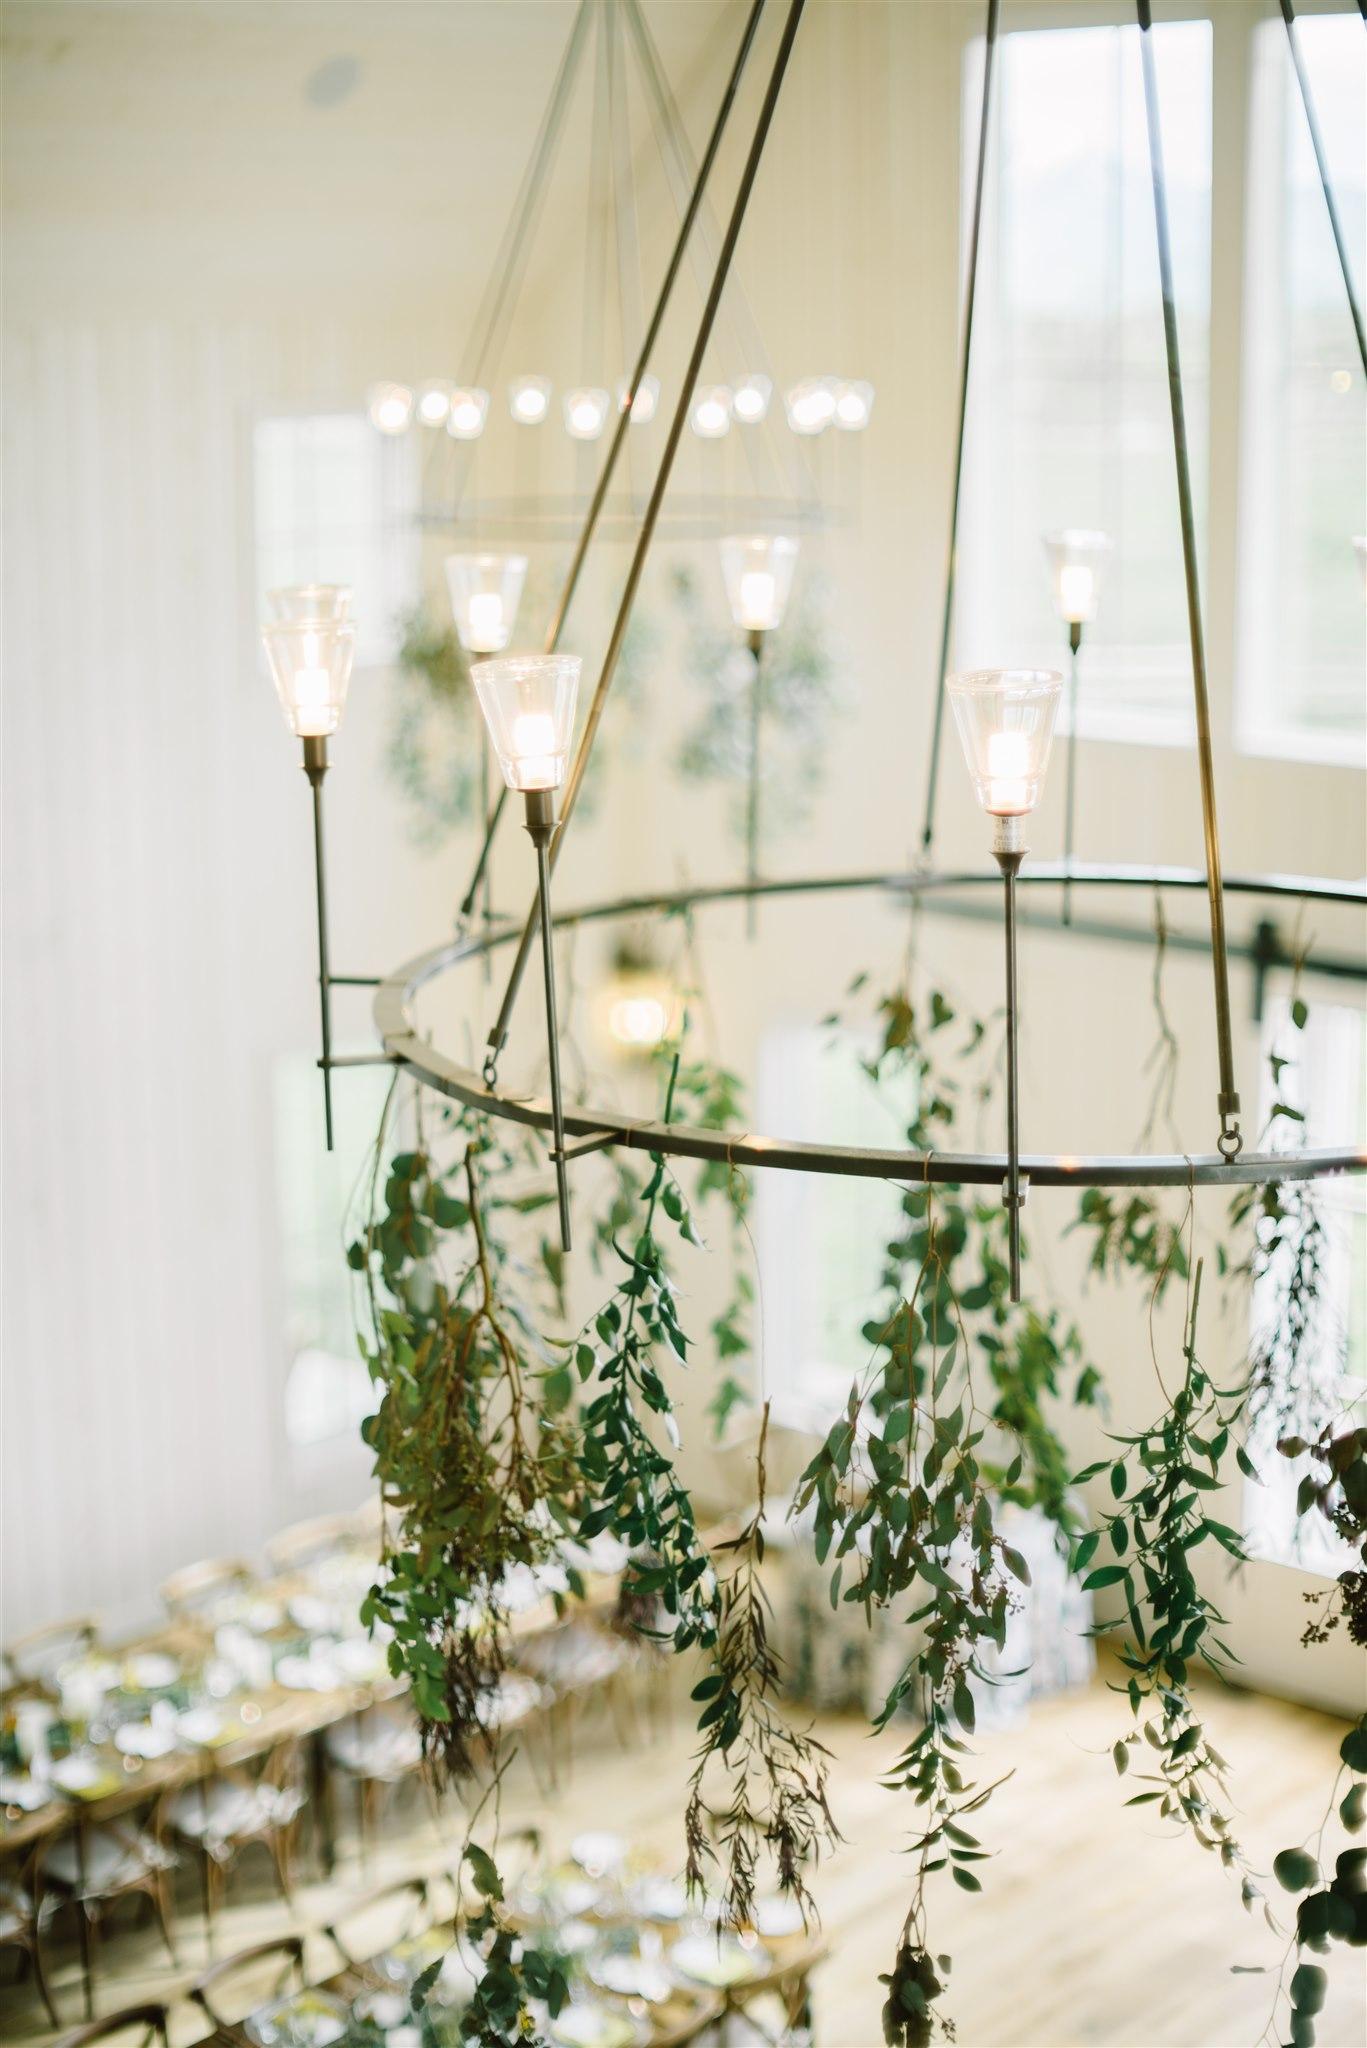 heidi_michael_wedding_05373.jpg